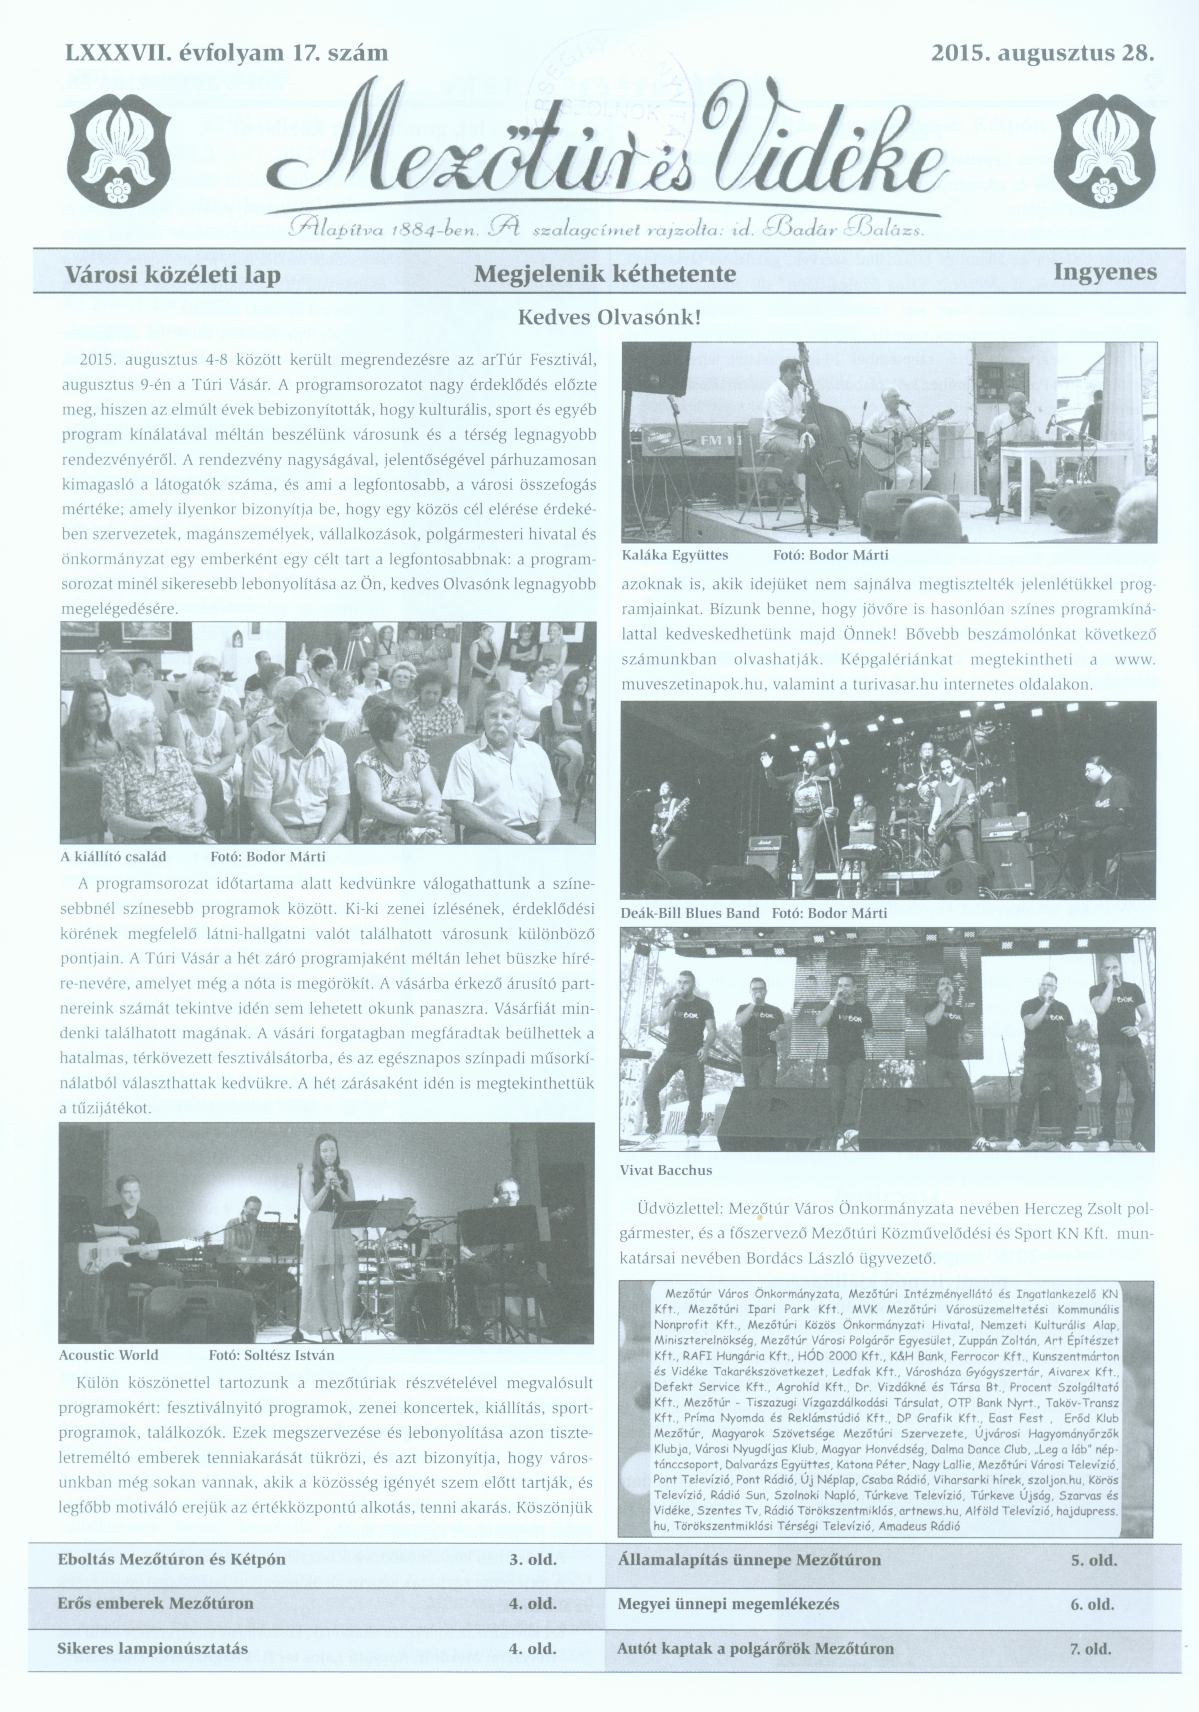 Mezőtúr és Vidéke címlap